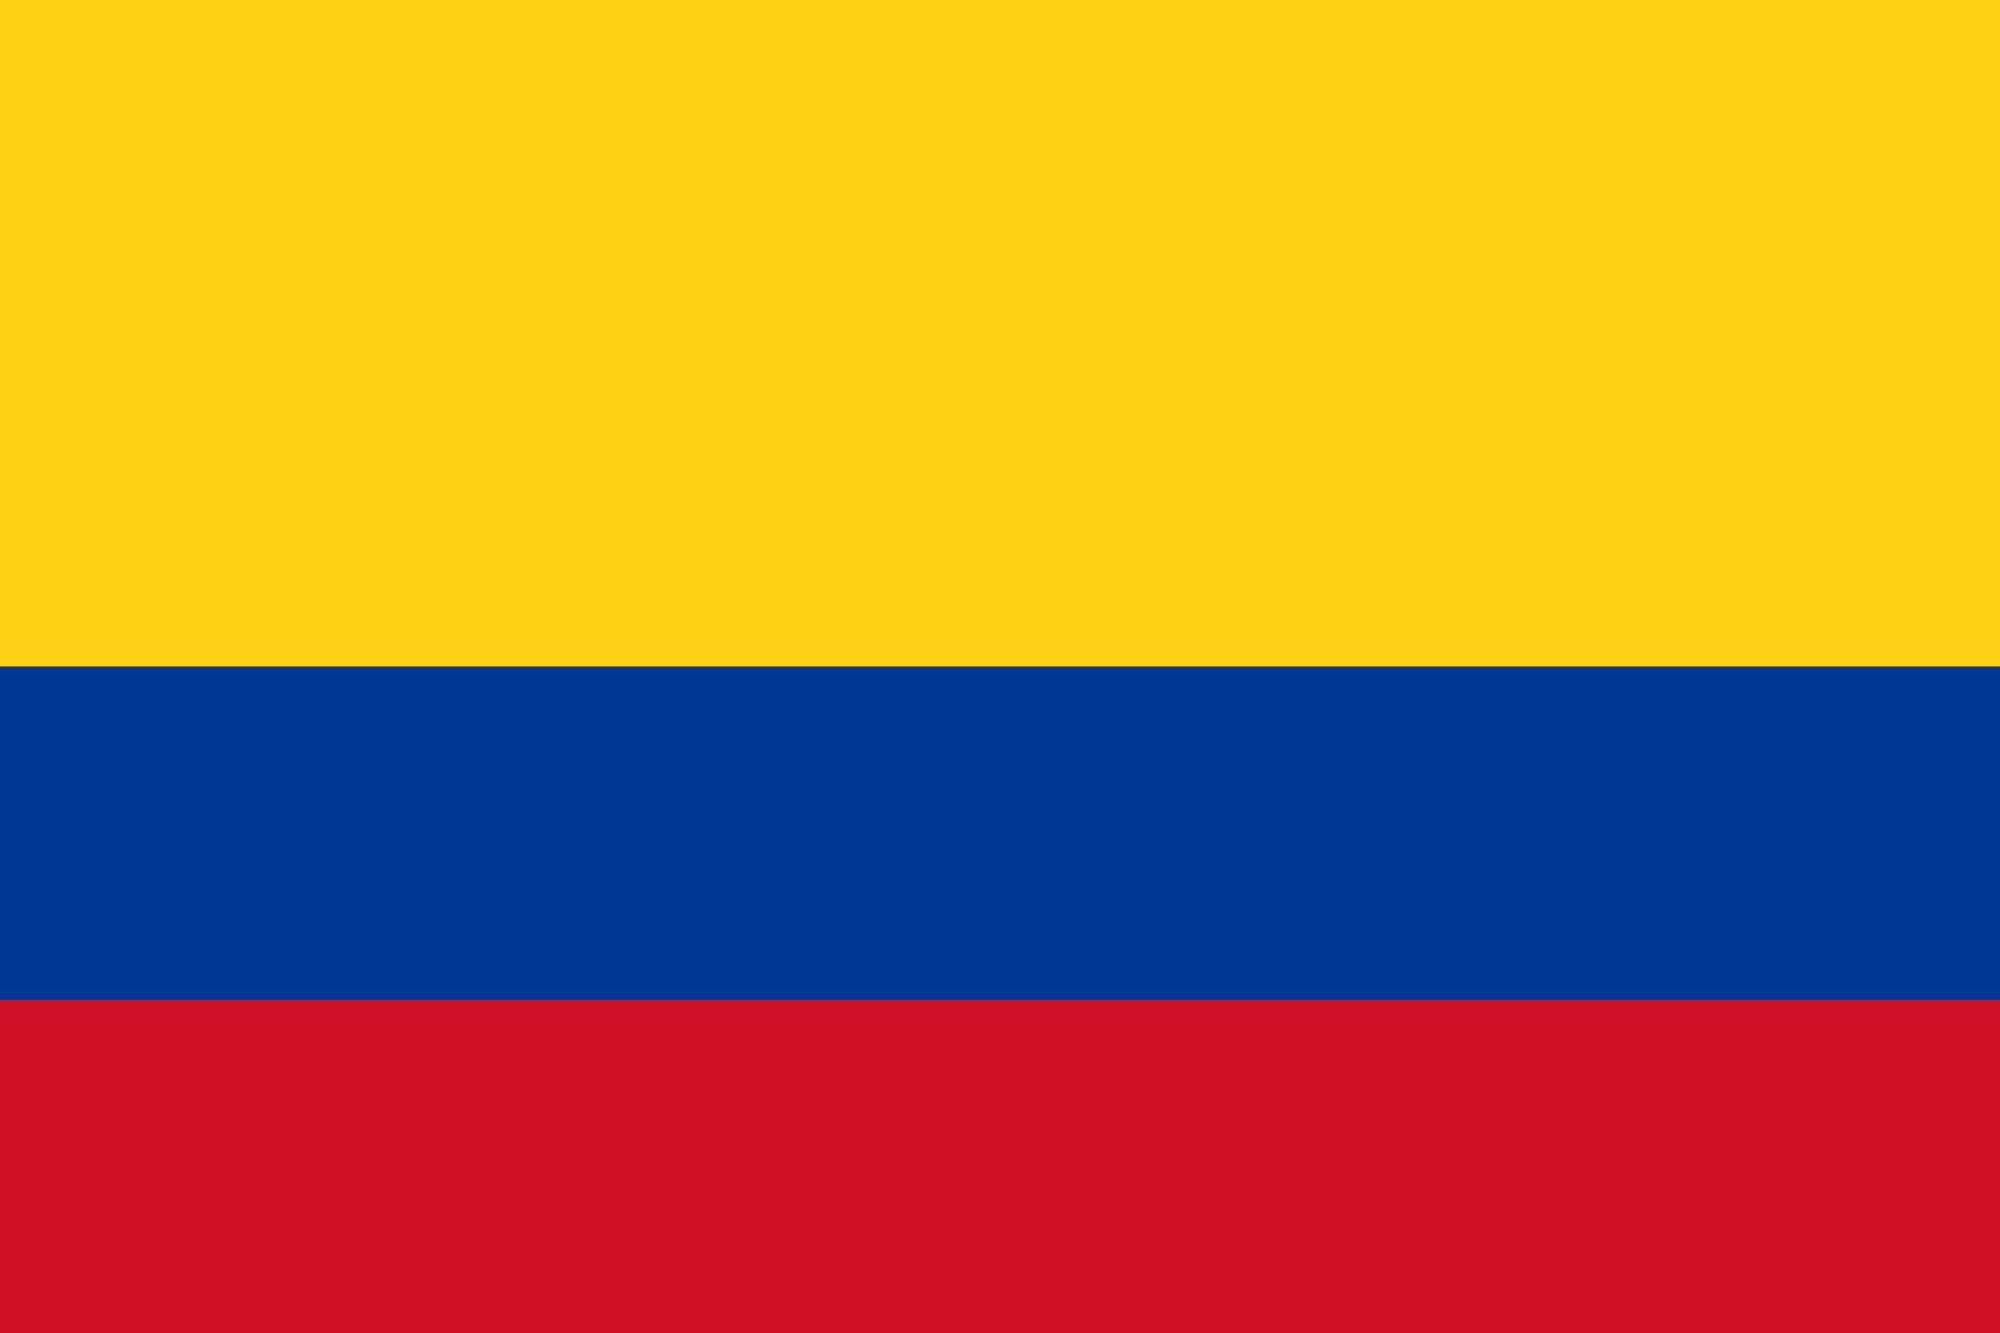 Rear Admiral Mario Germán Rodríguez Viera